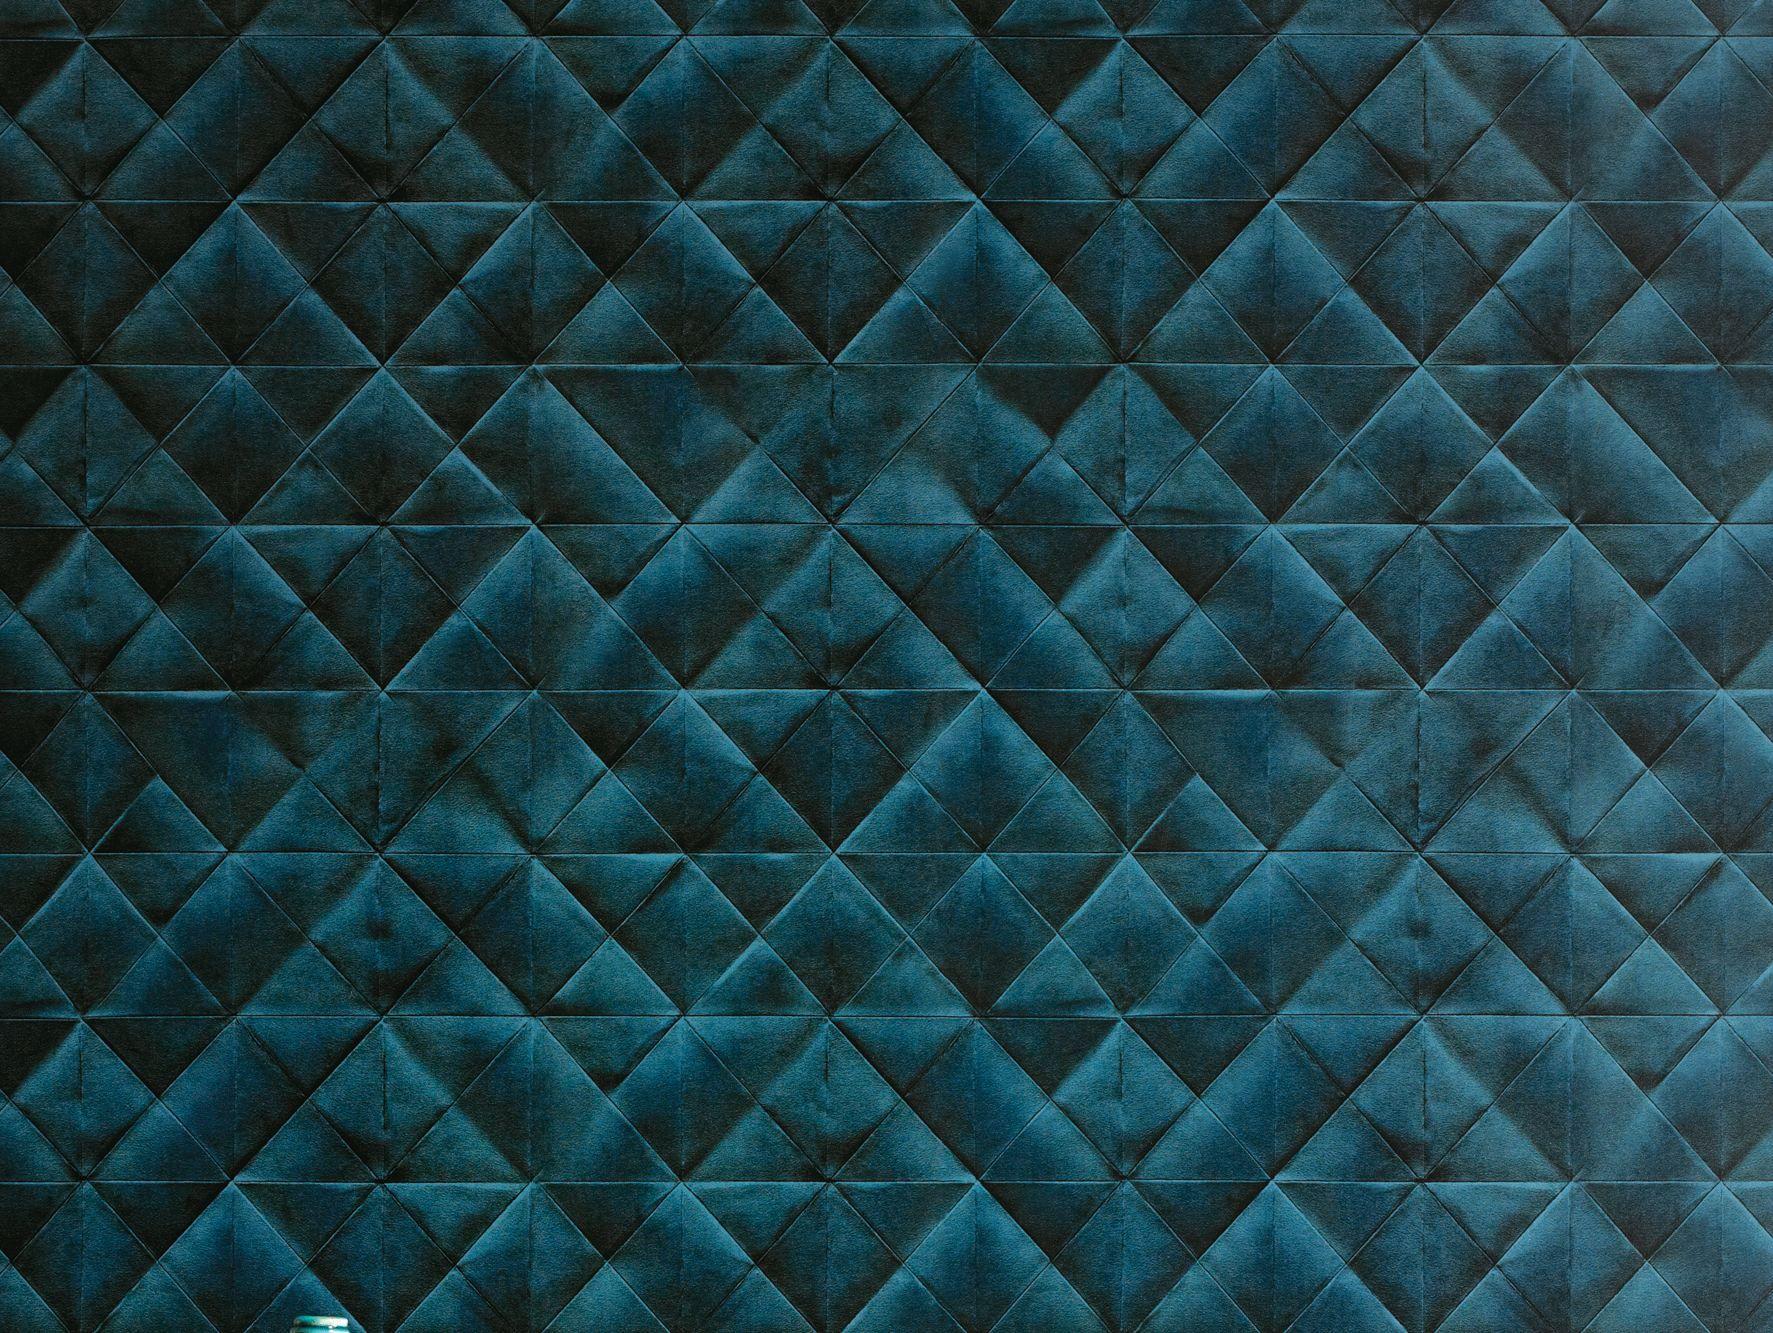 Papier peint en tissu non tiss mis en plis by litis - Papier elitis ...